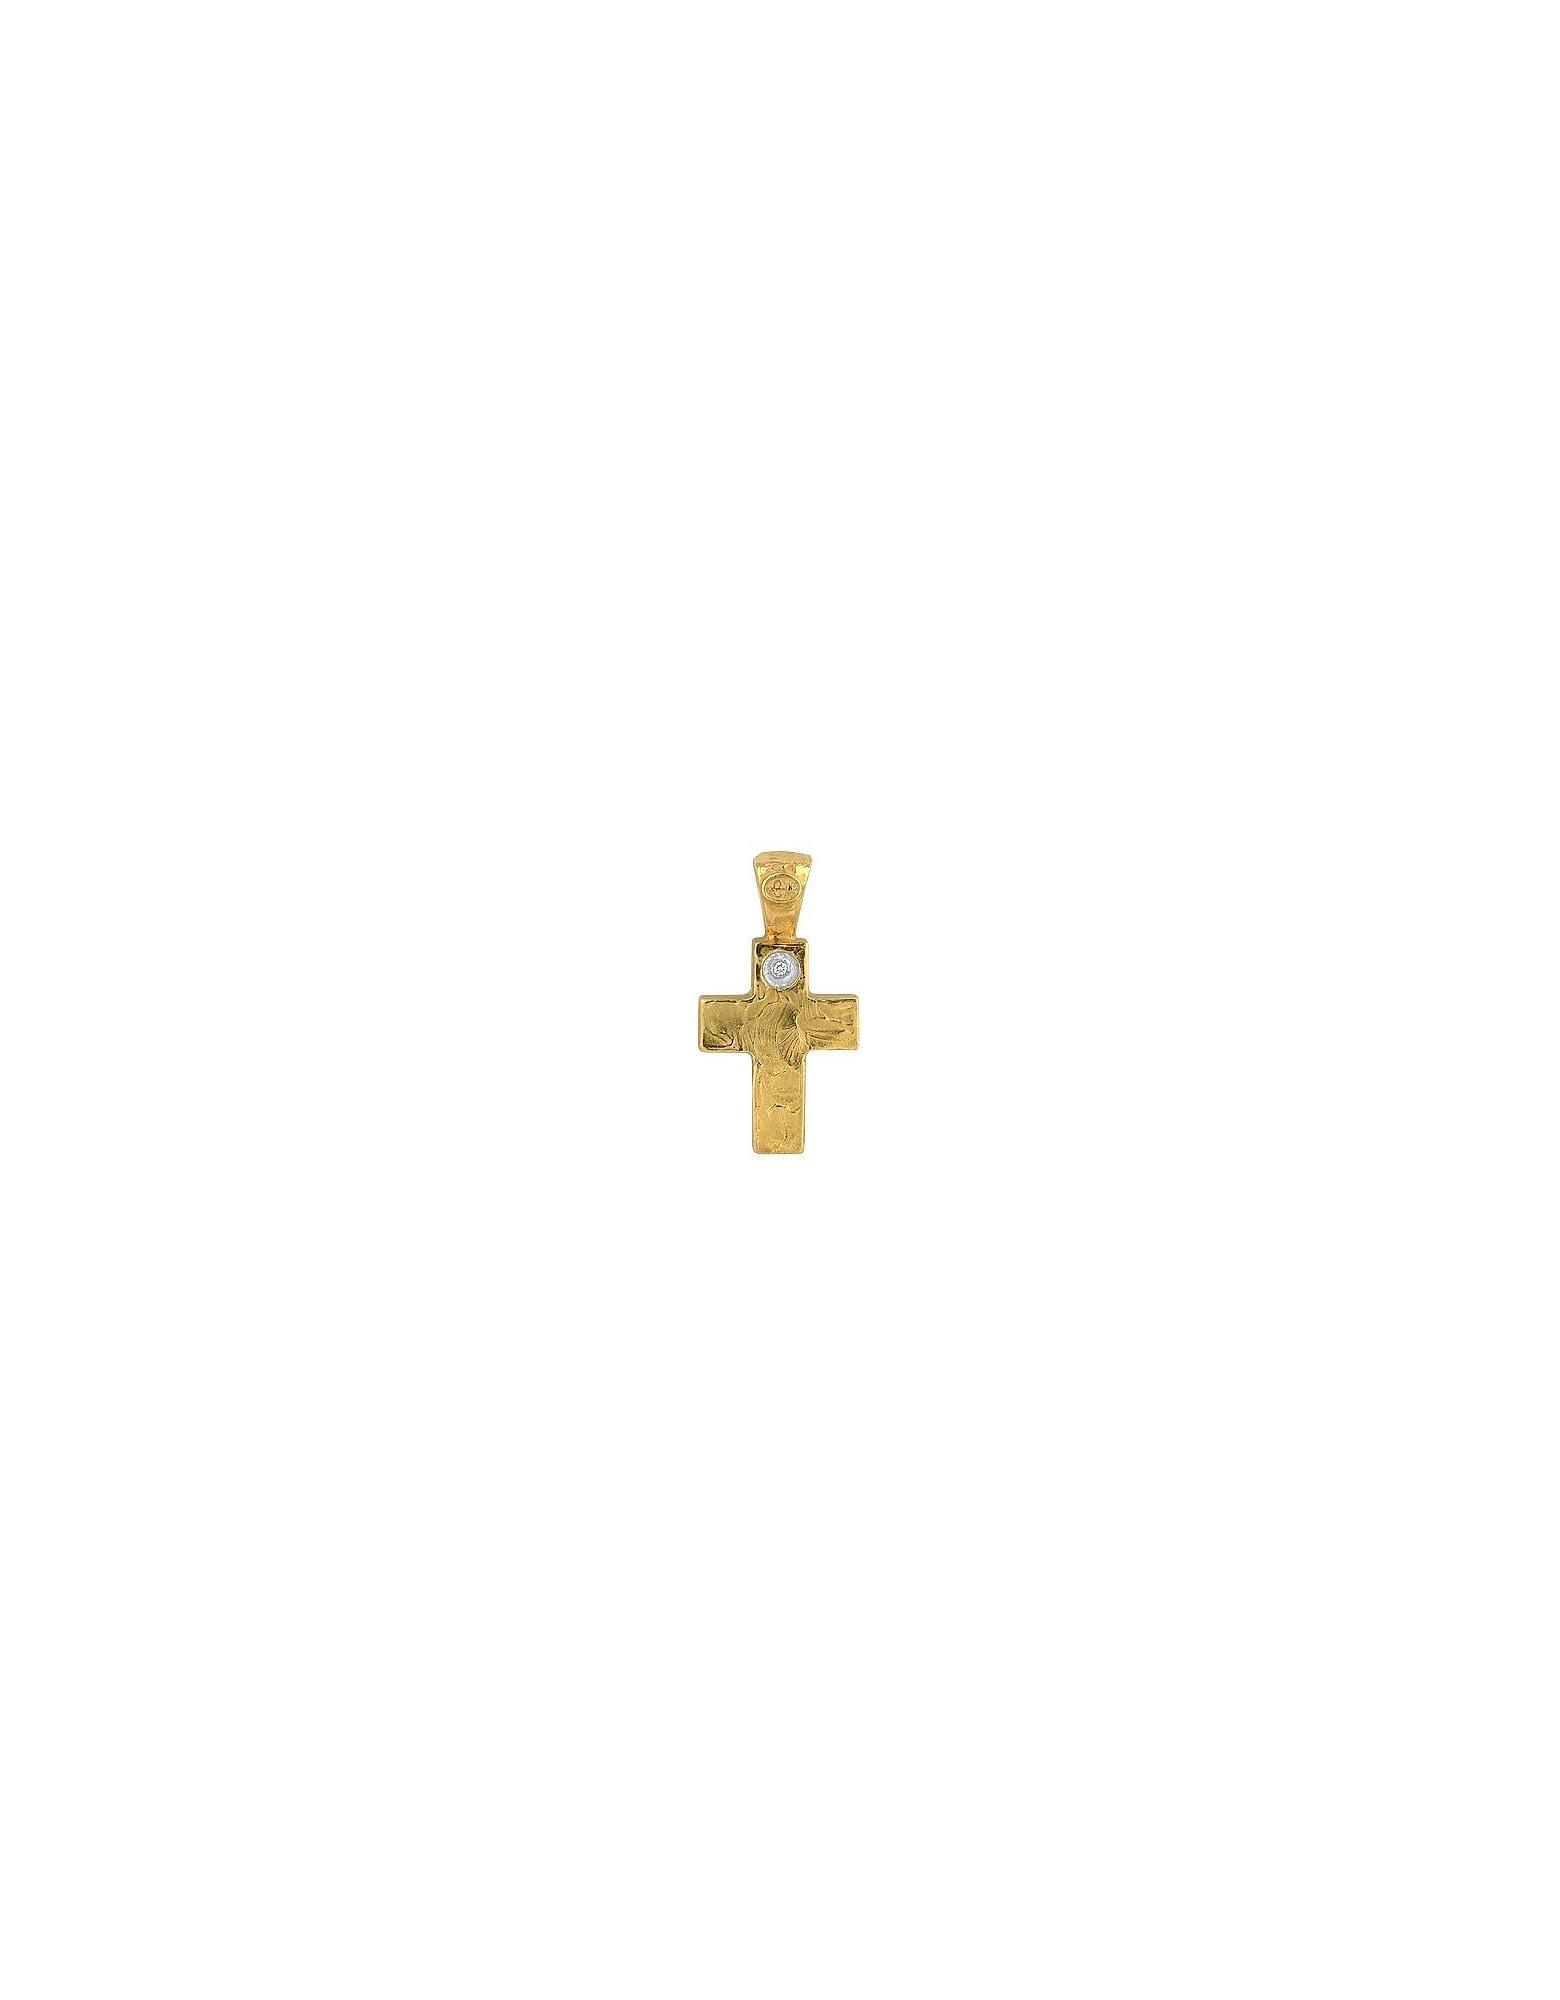 Torrini Necklaces, 18K Yellow Gold Cross with Diamond